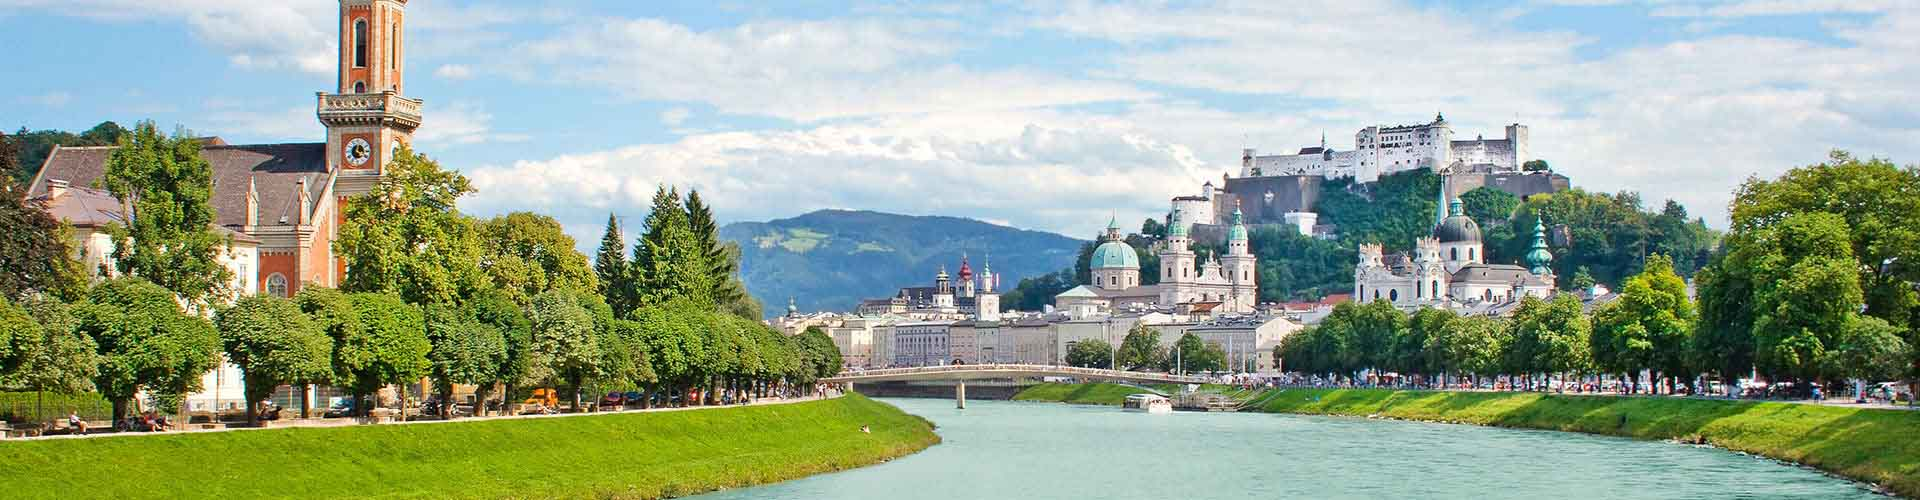 Salzburgo - Habitaciones en Salzburgo. Mapas de Salzburgo, Fotos y comentarios de cada Habitación en Salzburgo.